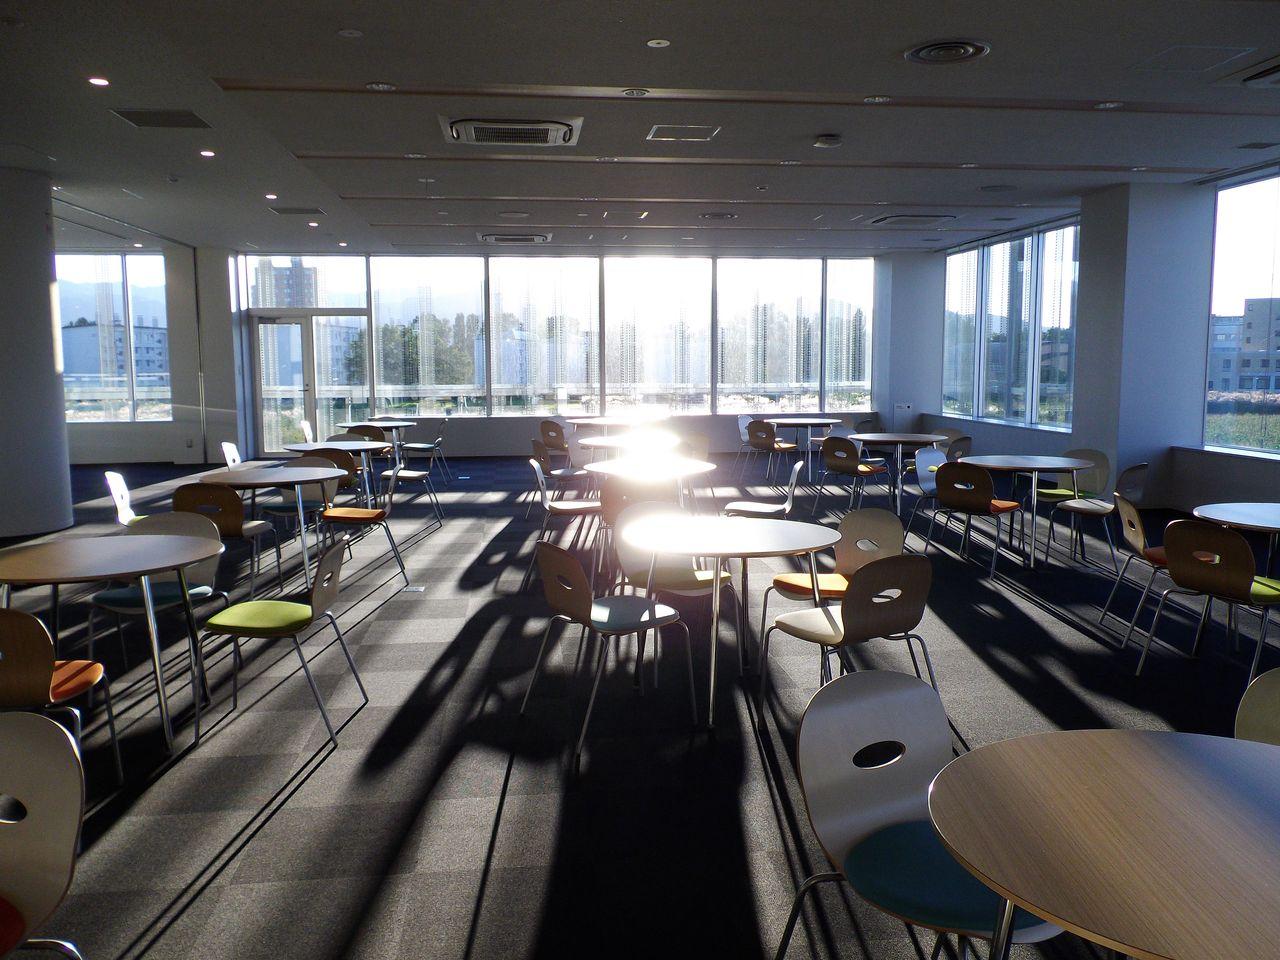 北キャンパスの新棟で高校生に出前授業_c0025115_18423670.jpg